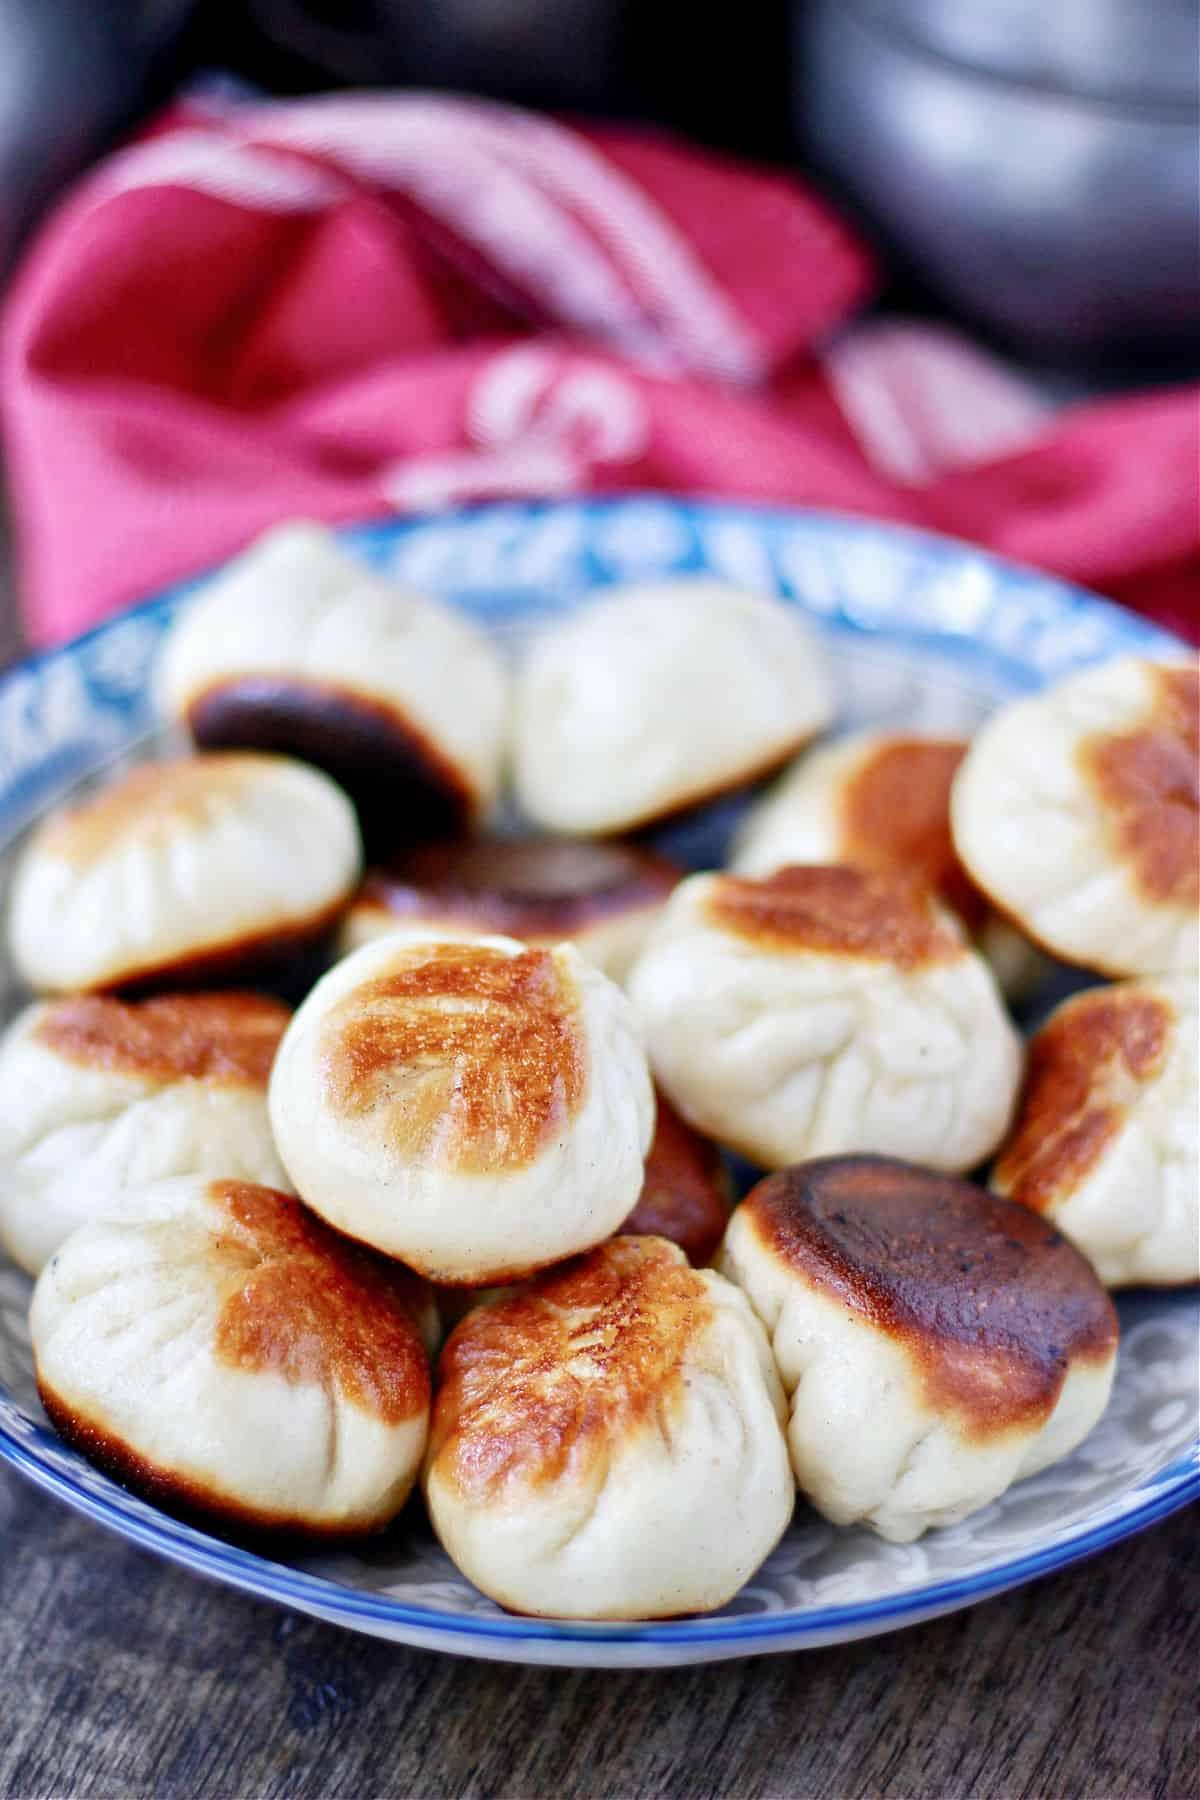 Pan Fried Pork and Scallion Buns (Shēng Jiān Bāo)  in a bowl.